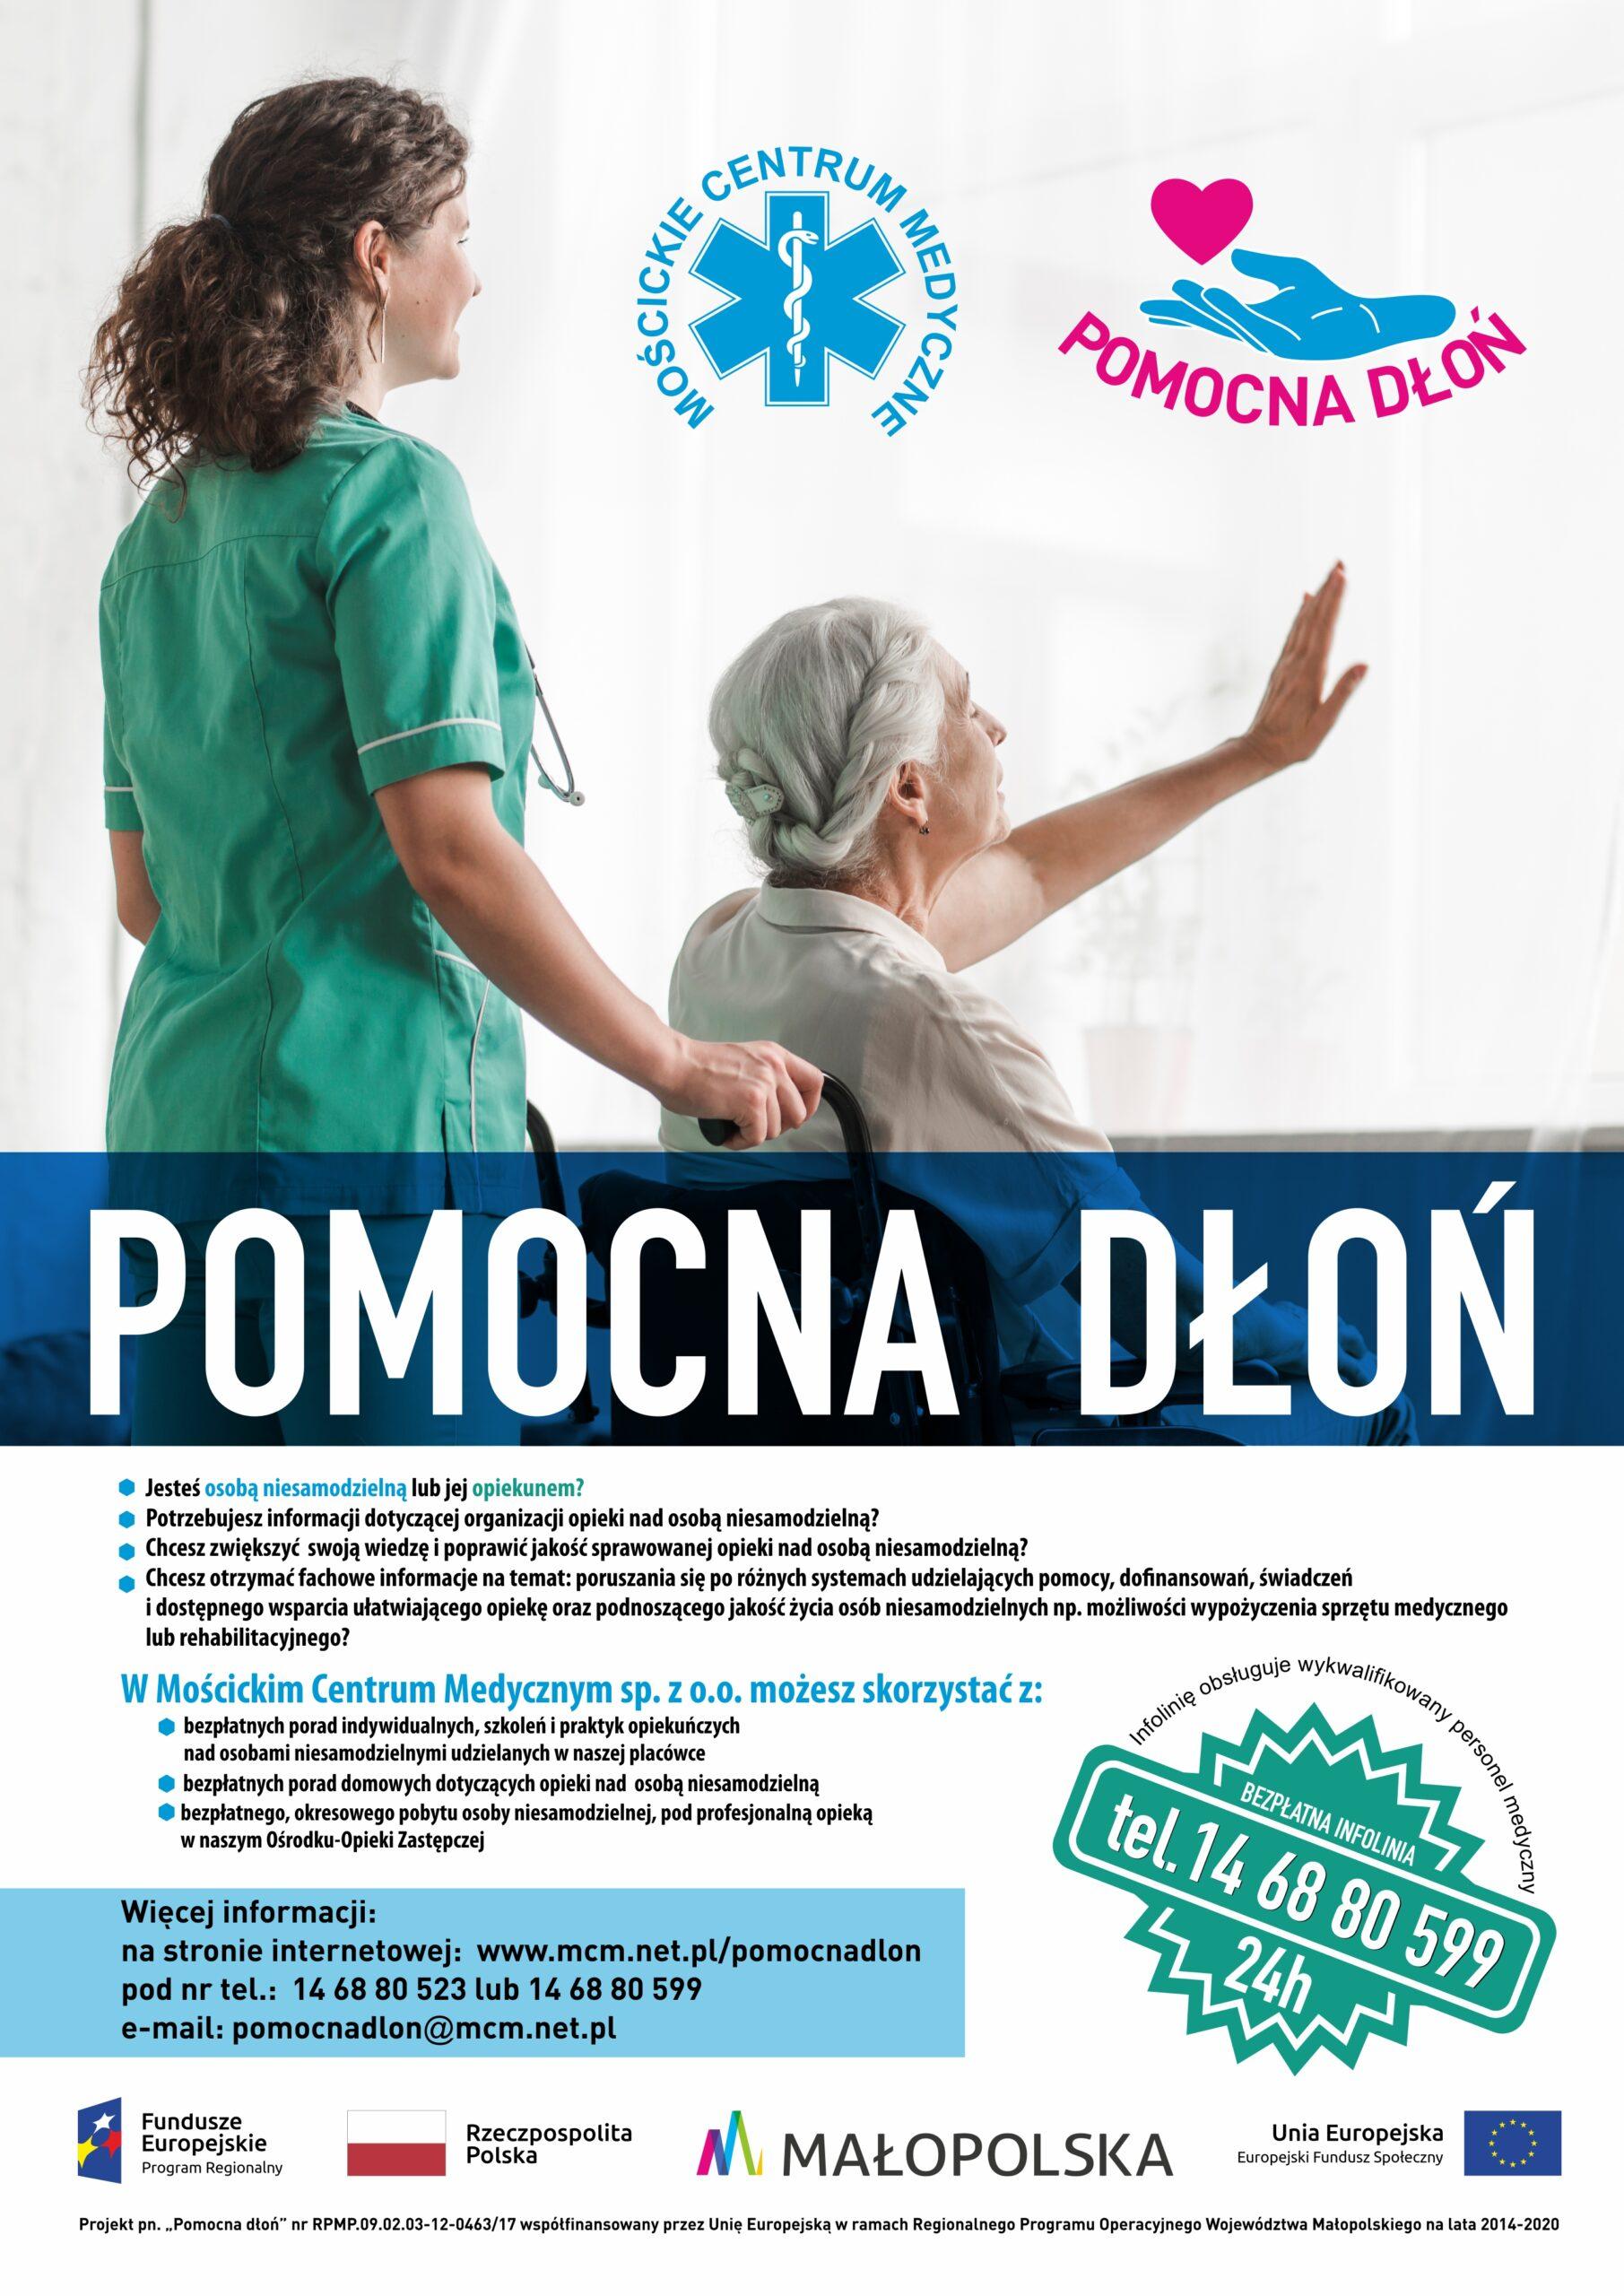 projekt-pn-pomocna-dlon